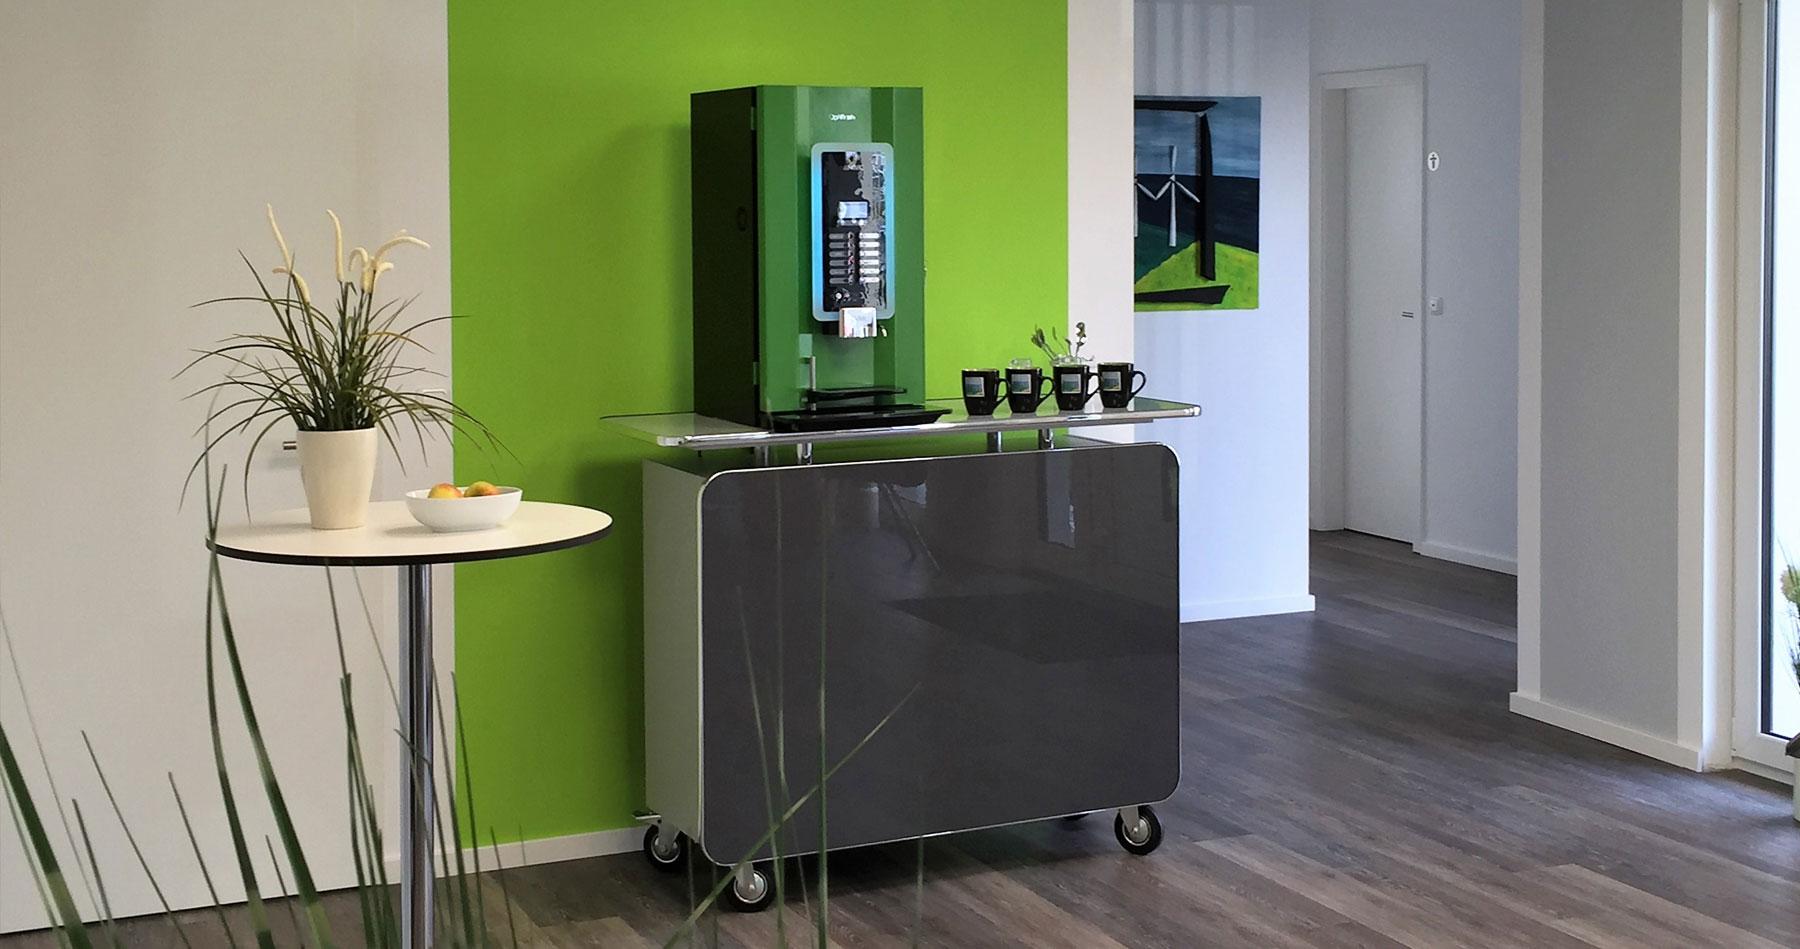 Kaffee-Ecke WindPlan GmbH Heide